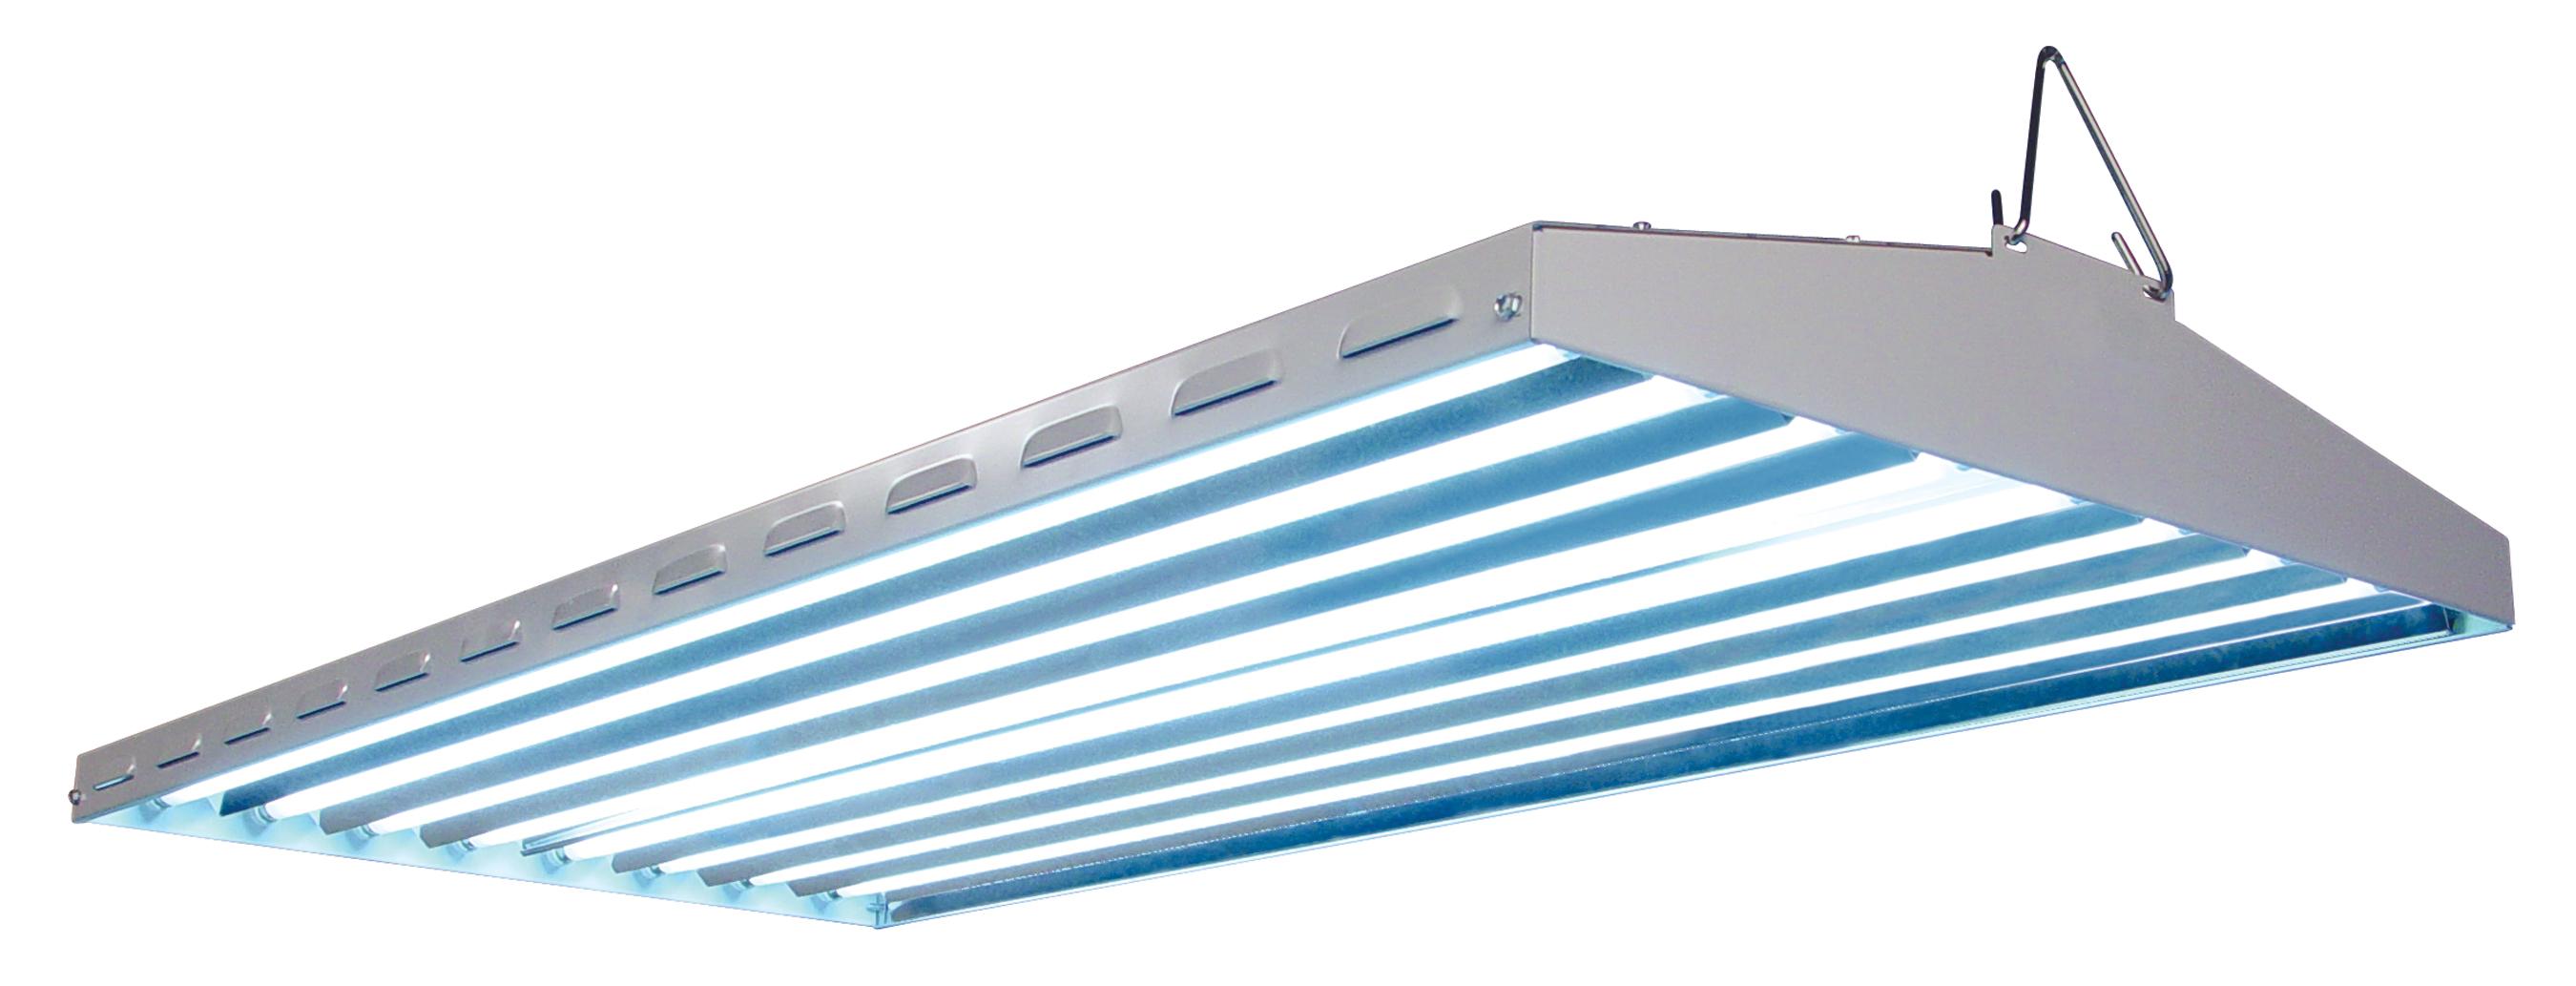 8 Bulb 277v No Lamps Fluorescent Grow Light Aluminum Reflectors Quantum T5 4/'